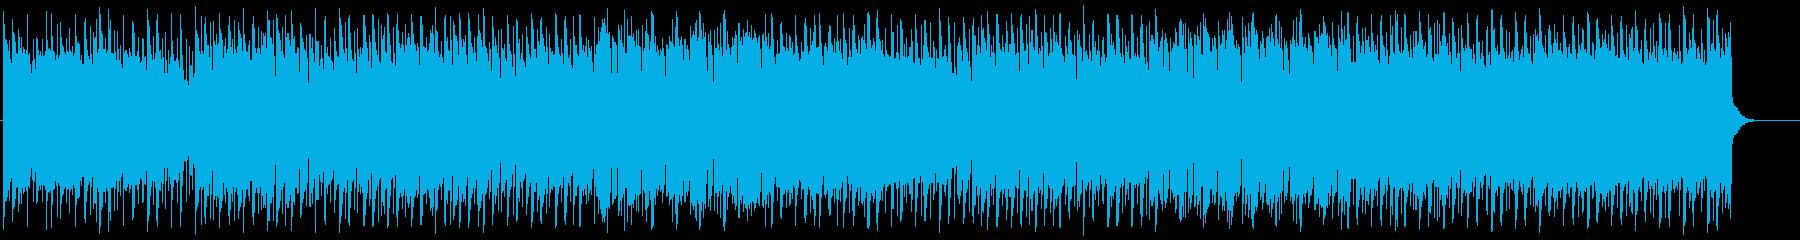 軽快に流れるイージーリスニングの再生済みの波形